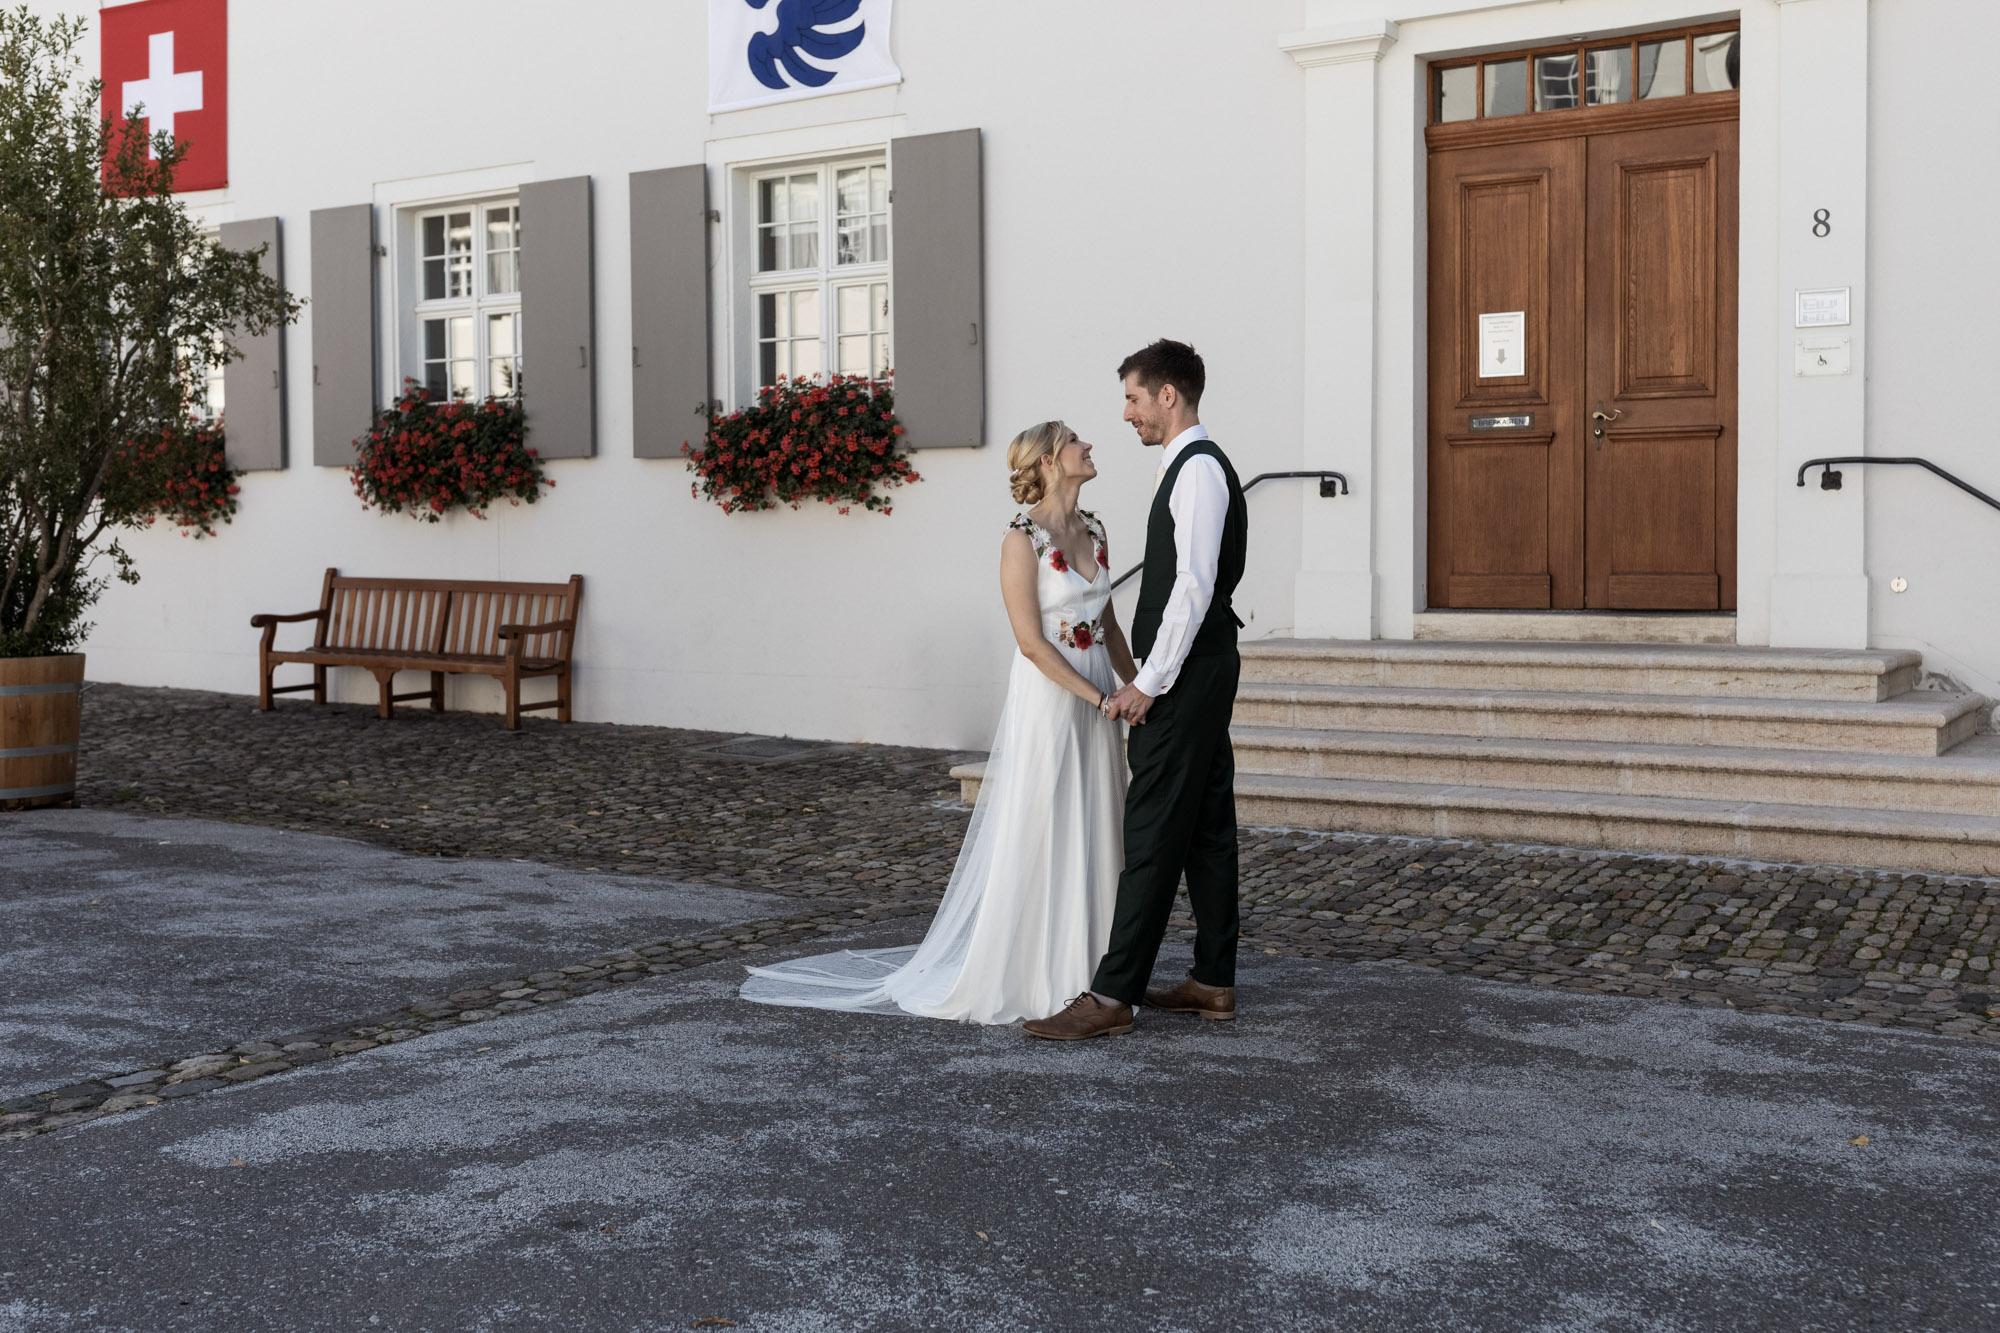 Brautpaar Fotoshooting auf dem Dom Platz in Arlesheim